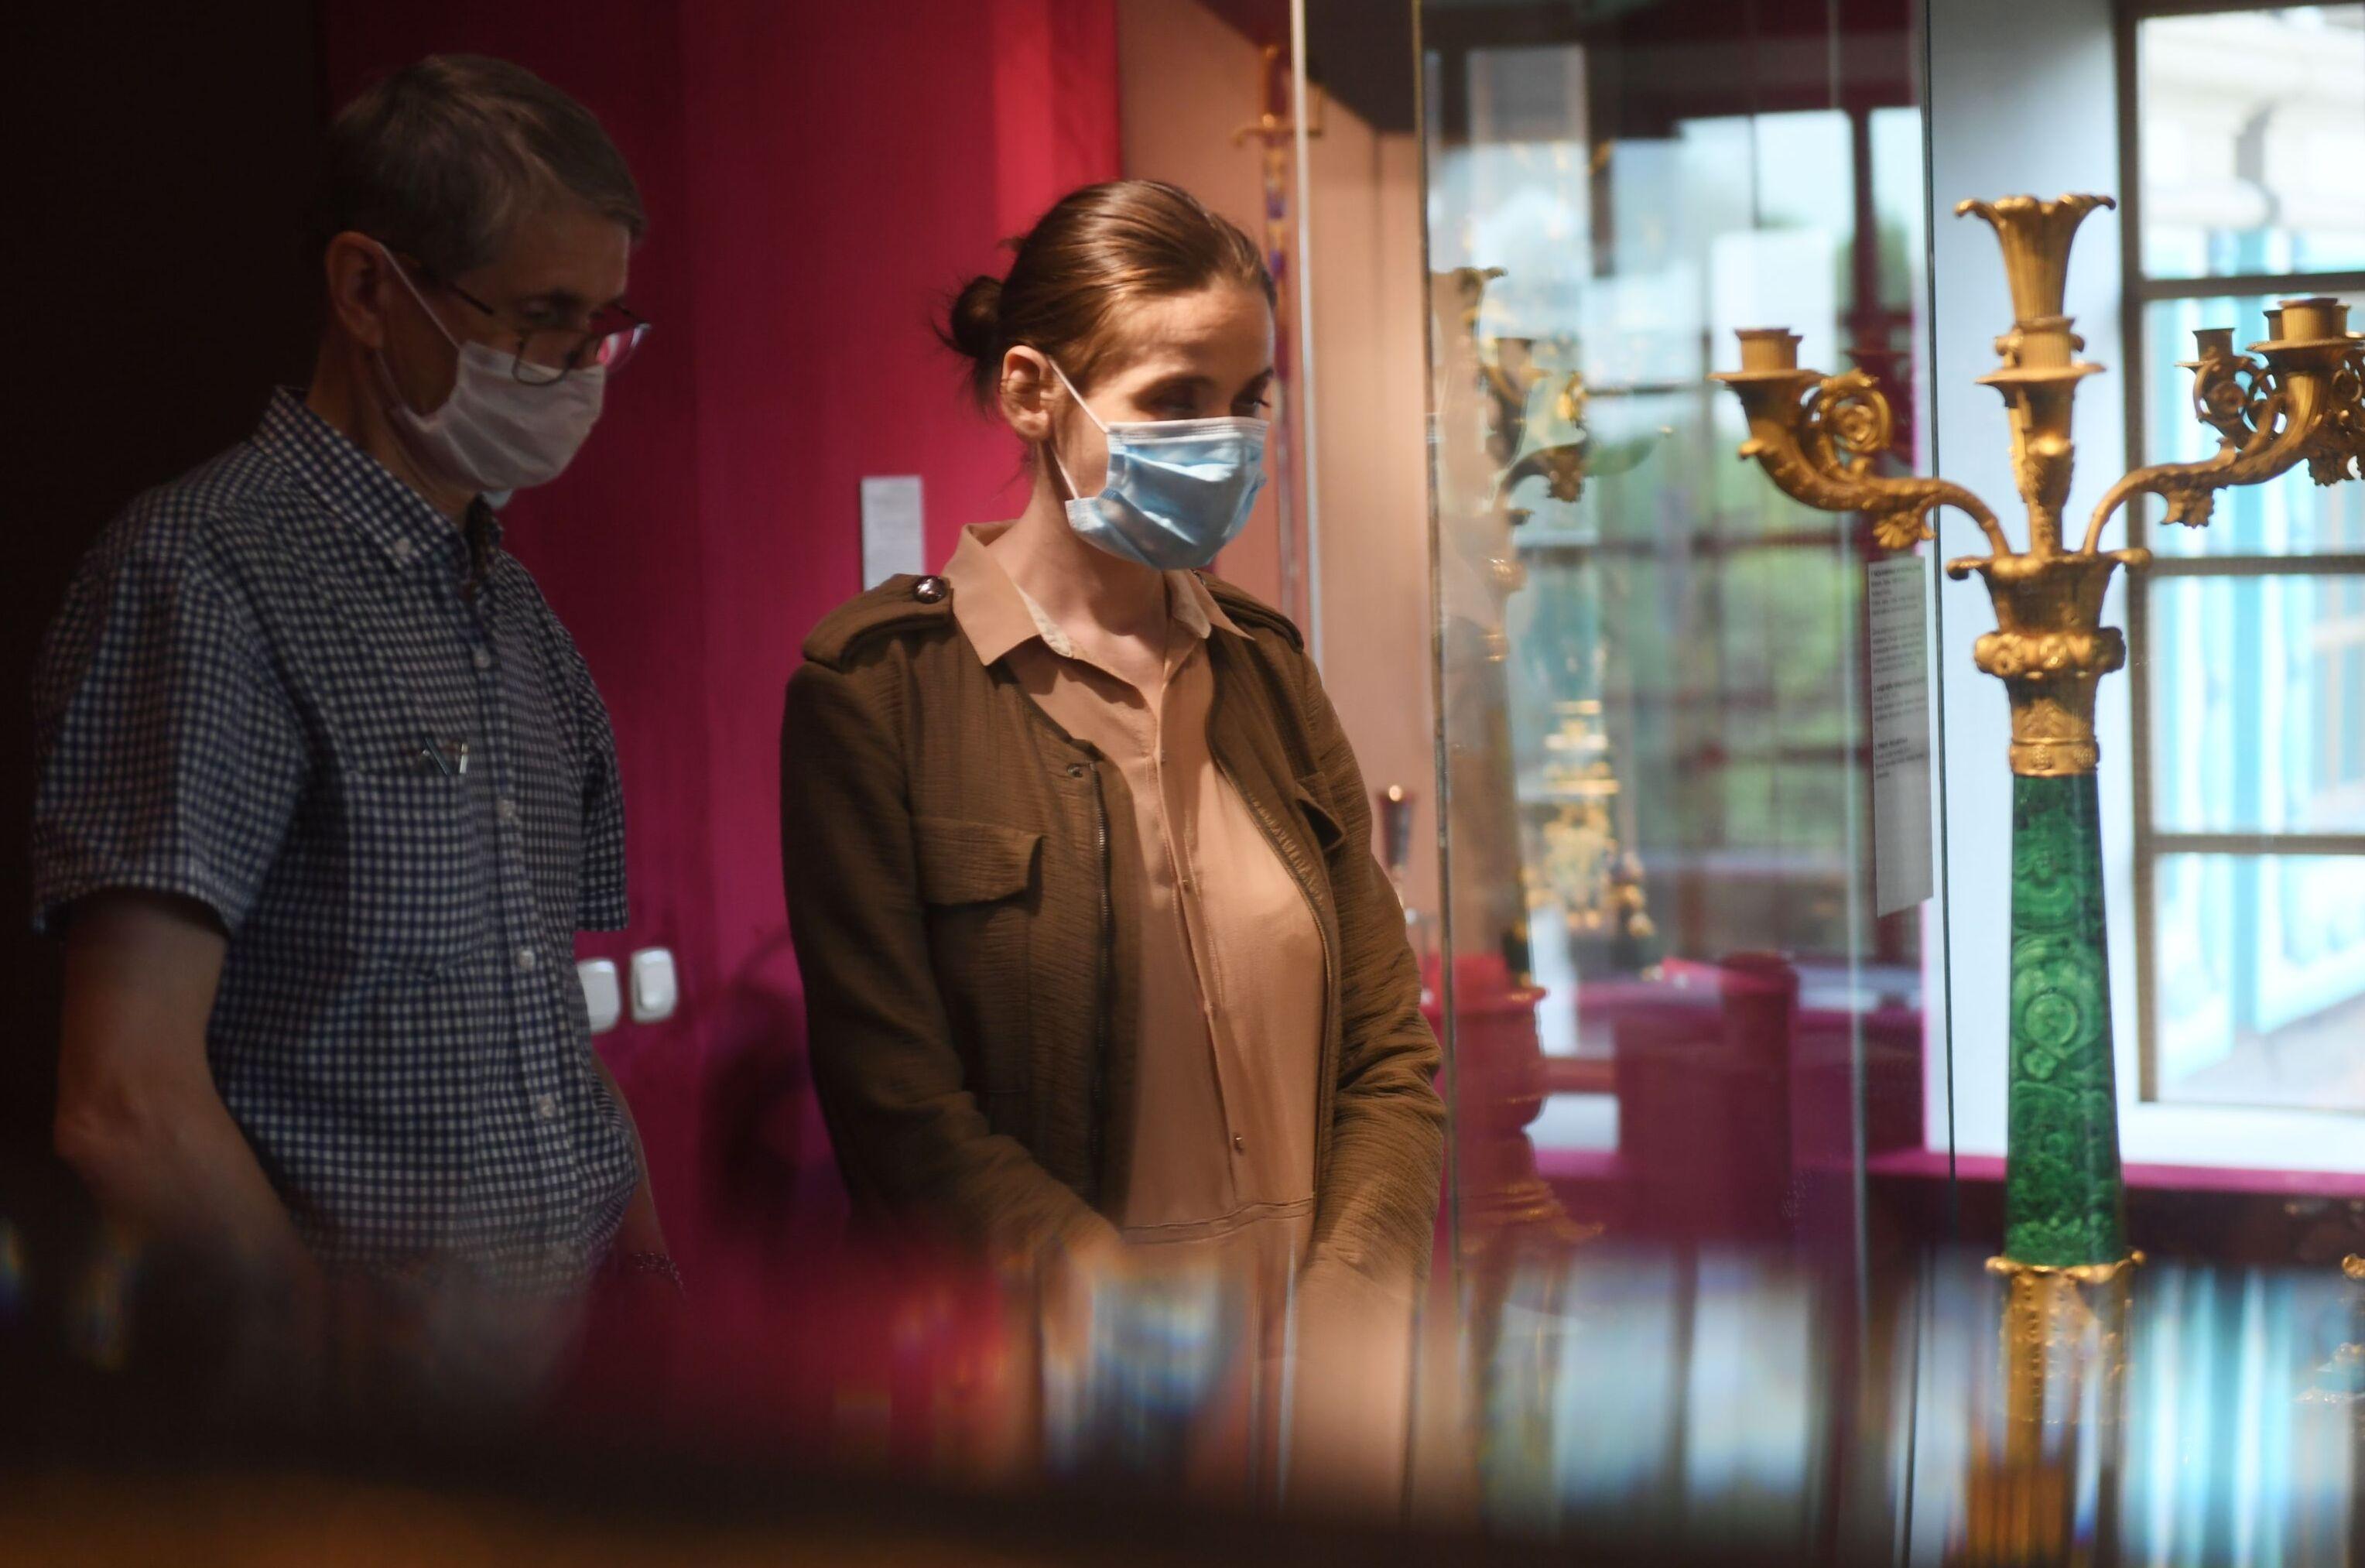 Visitantes usam máscaras protetoras em museu no parque Kolomenskoe, na região sul de Moscou, no primeiro dia de abertura de exposições na capital russa, 16 de junho de 2020